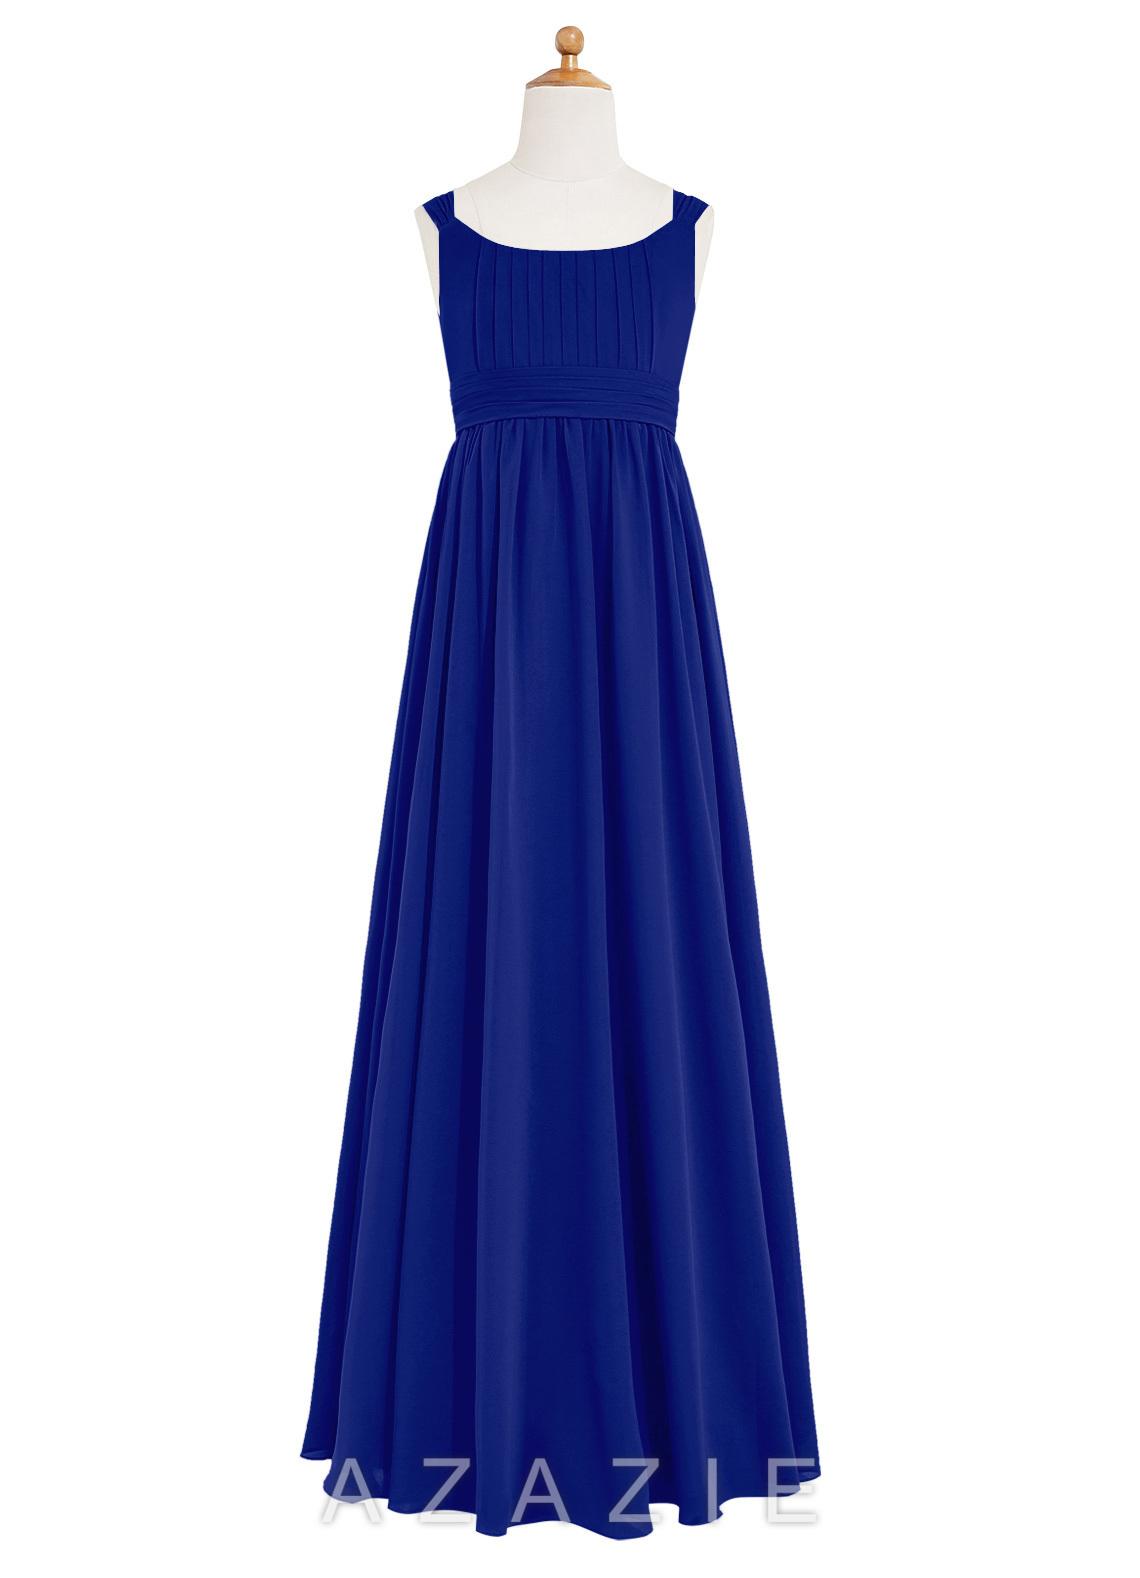 Azazie Tiana JBD Junior Bridesmaid Dress